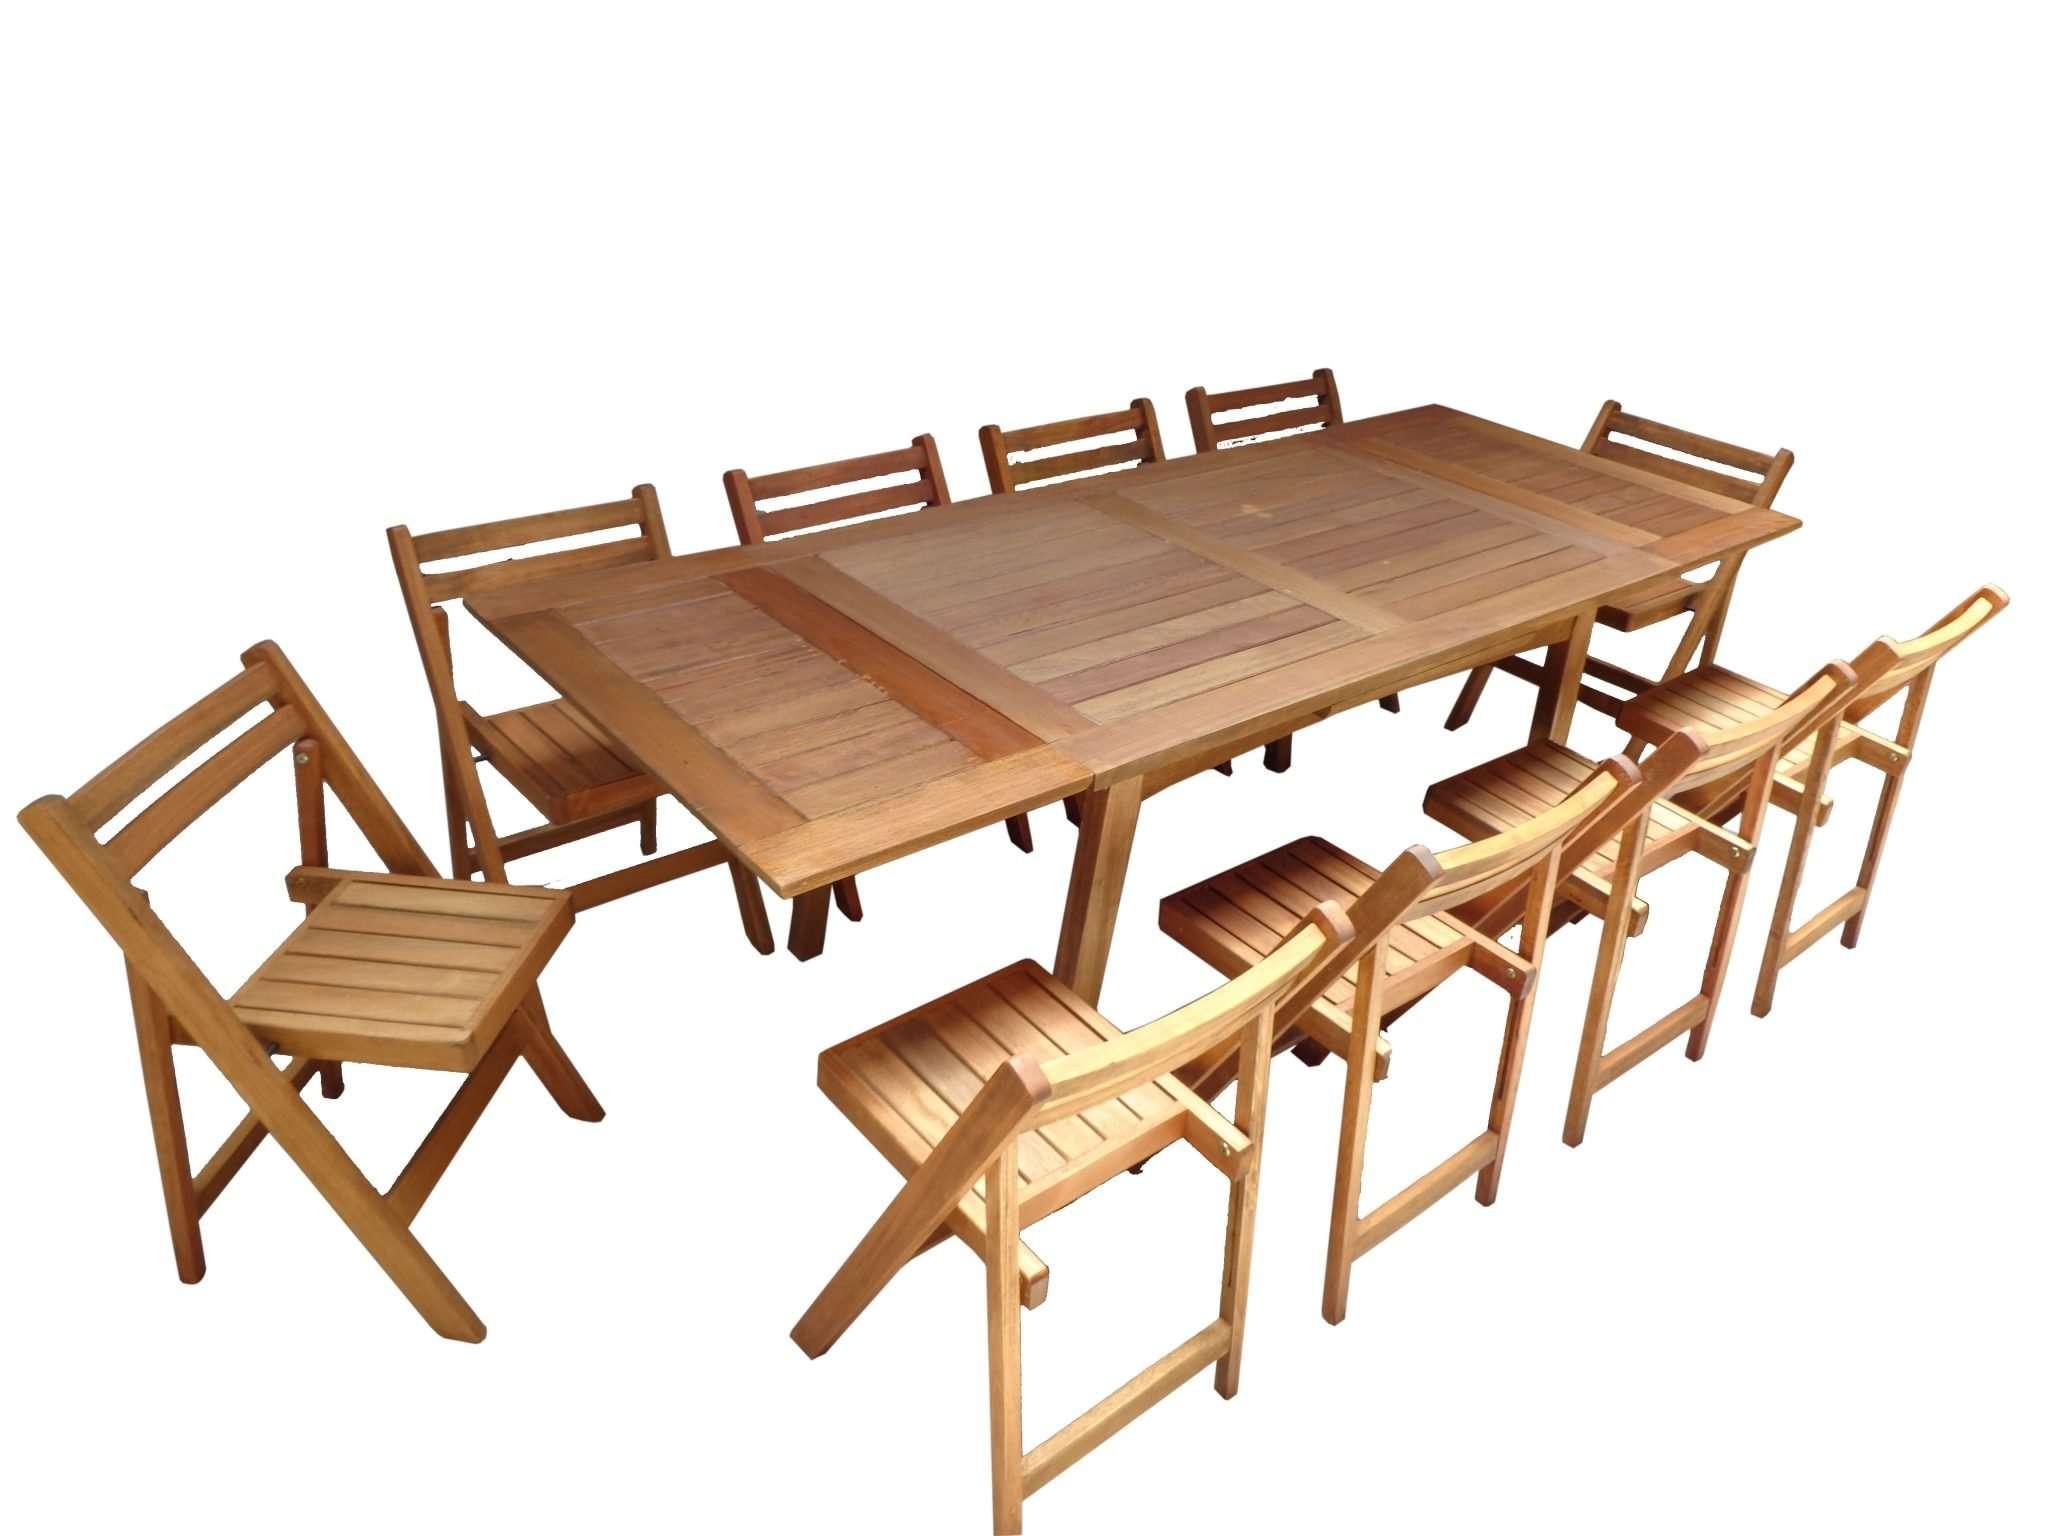 Juego De 10 Sillas Dr Y Mesa Extensible Fabrica De Muebles  # Muebles Cultivados